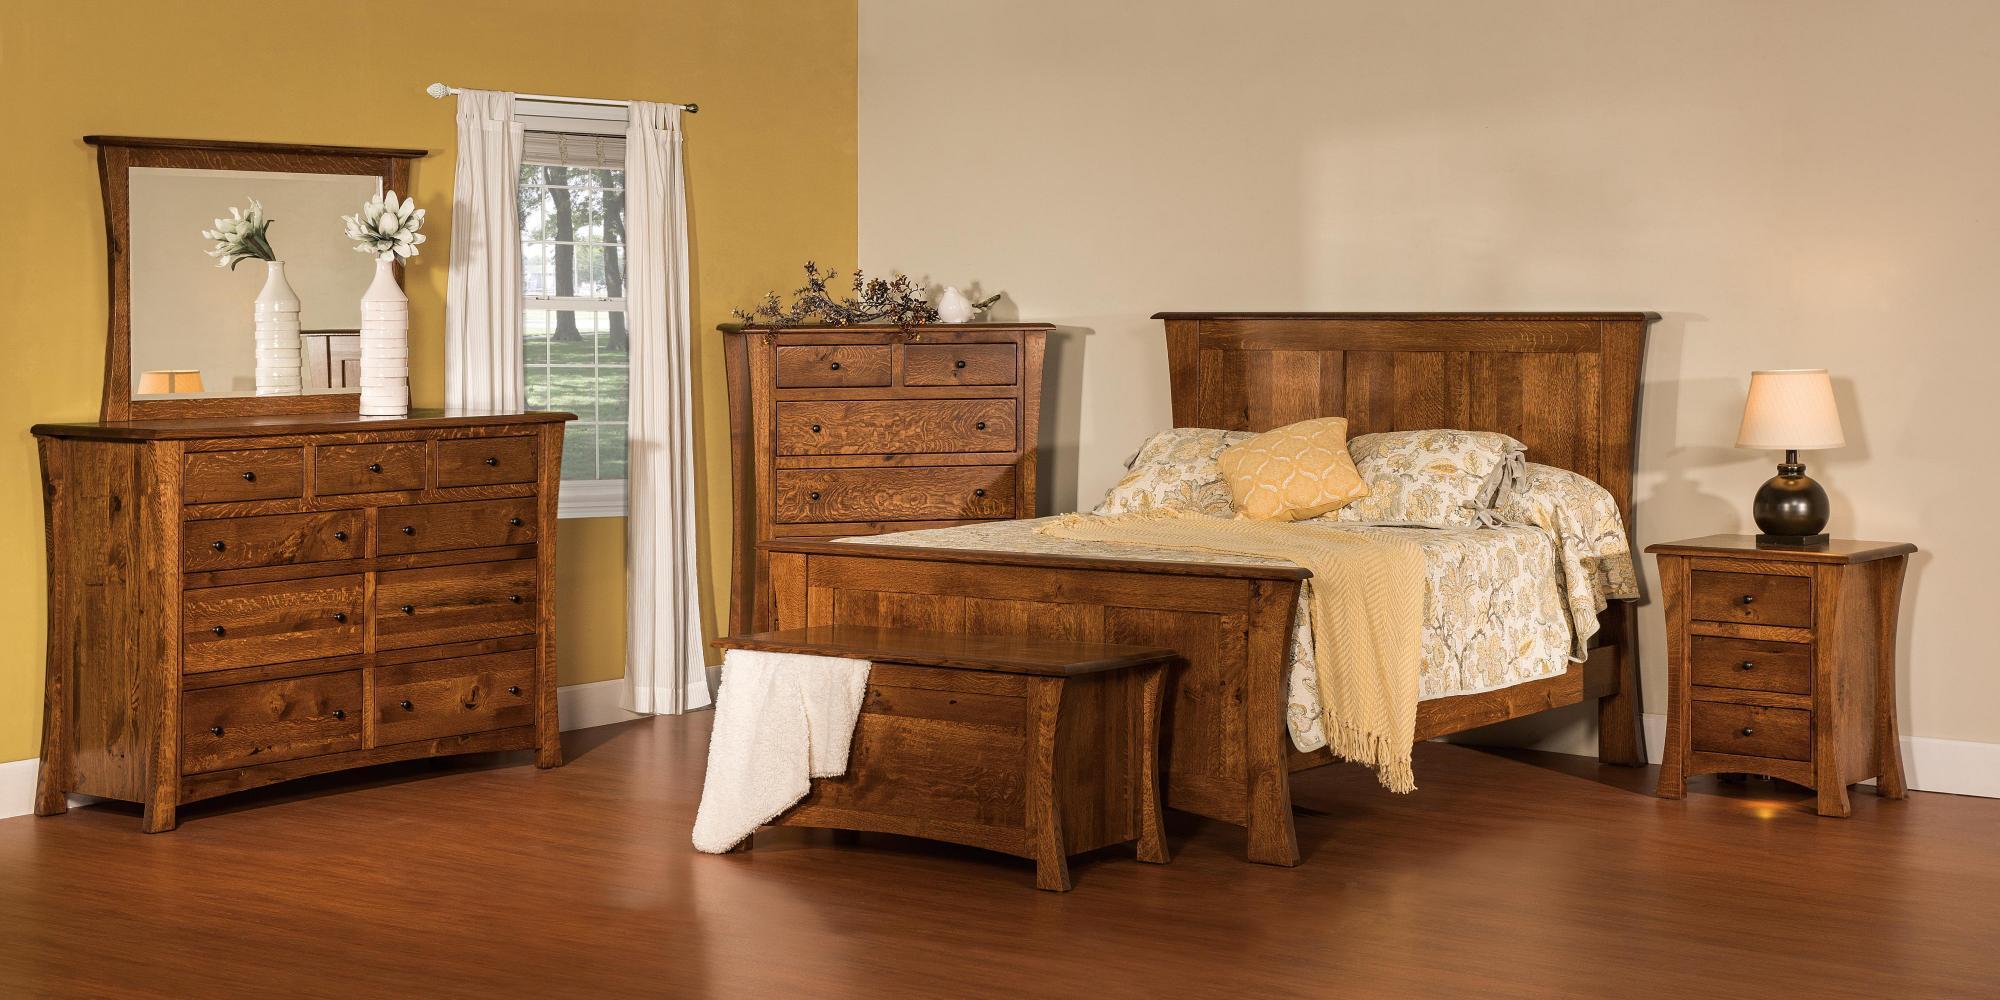 Mission Bedroom Furniture Craftsman Bedroom Furniture 20 In Small Home D Stickley Bedroom